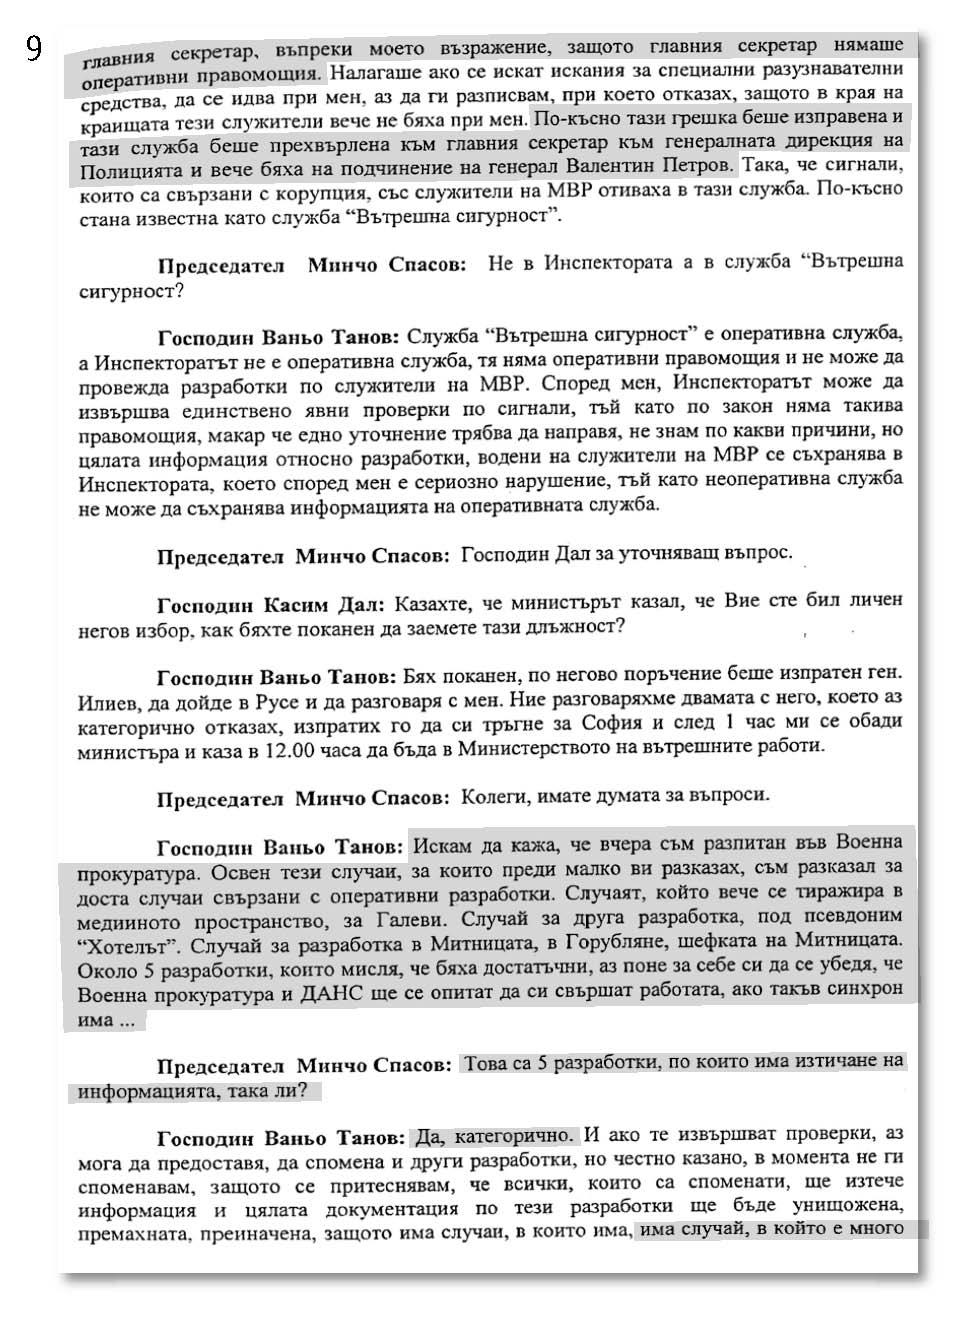 stenograma_page_09